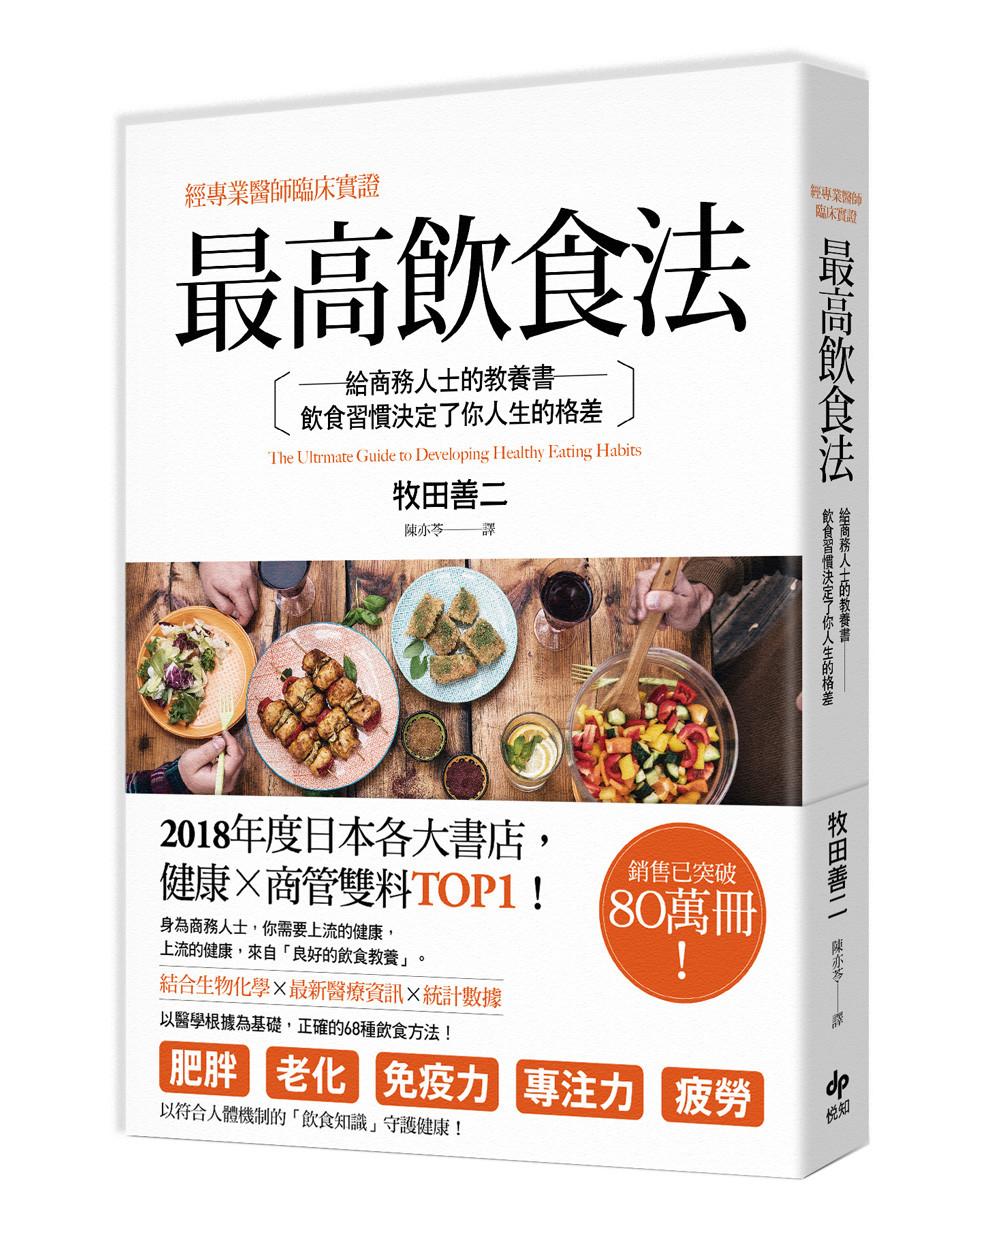 ▲最高飲食法:給商務人士的教養書,飲食習慣決定了你人生的格差。(圖/悅知文化提供)